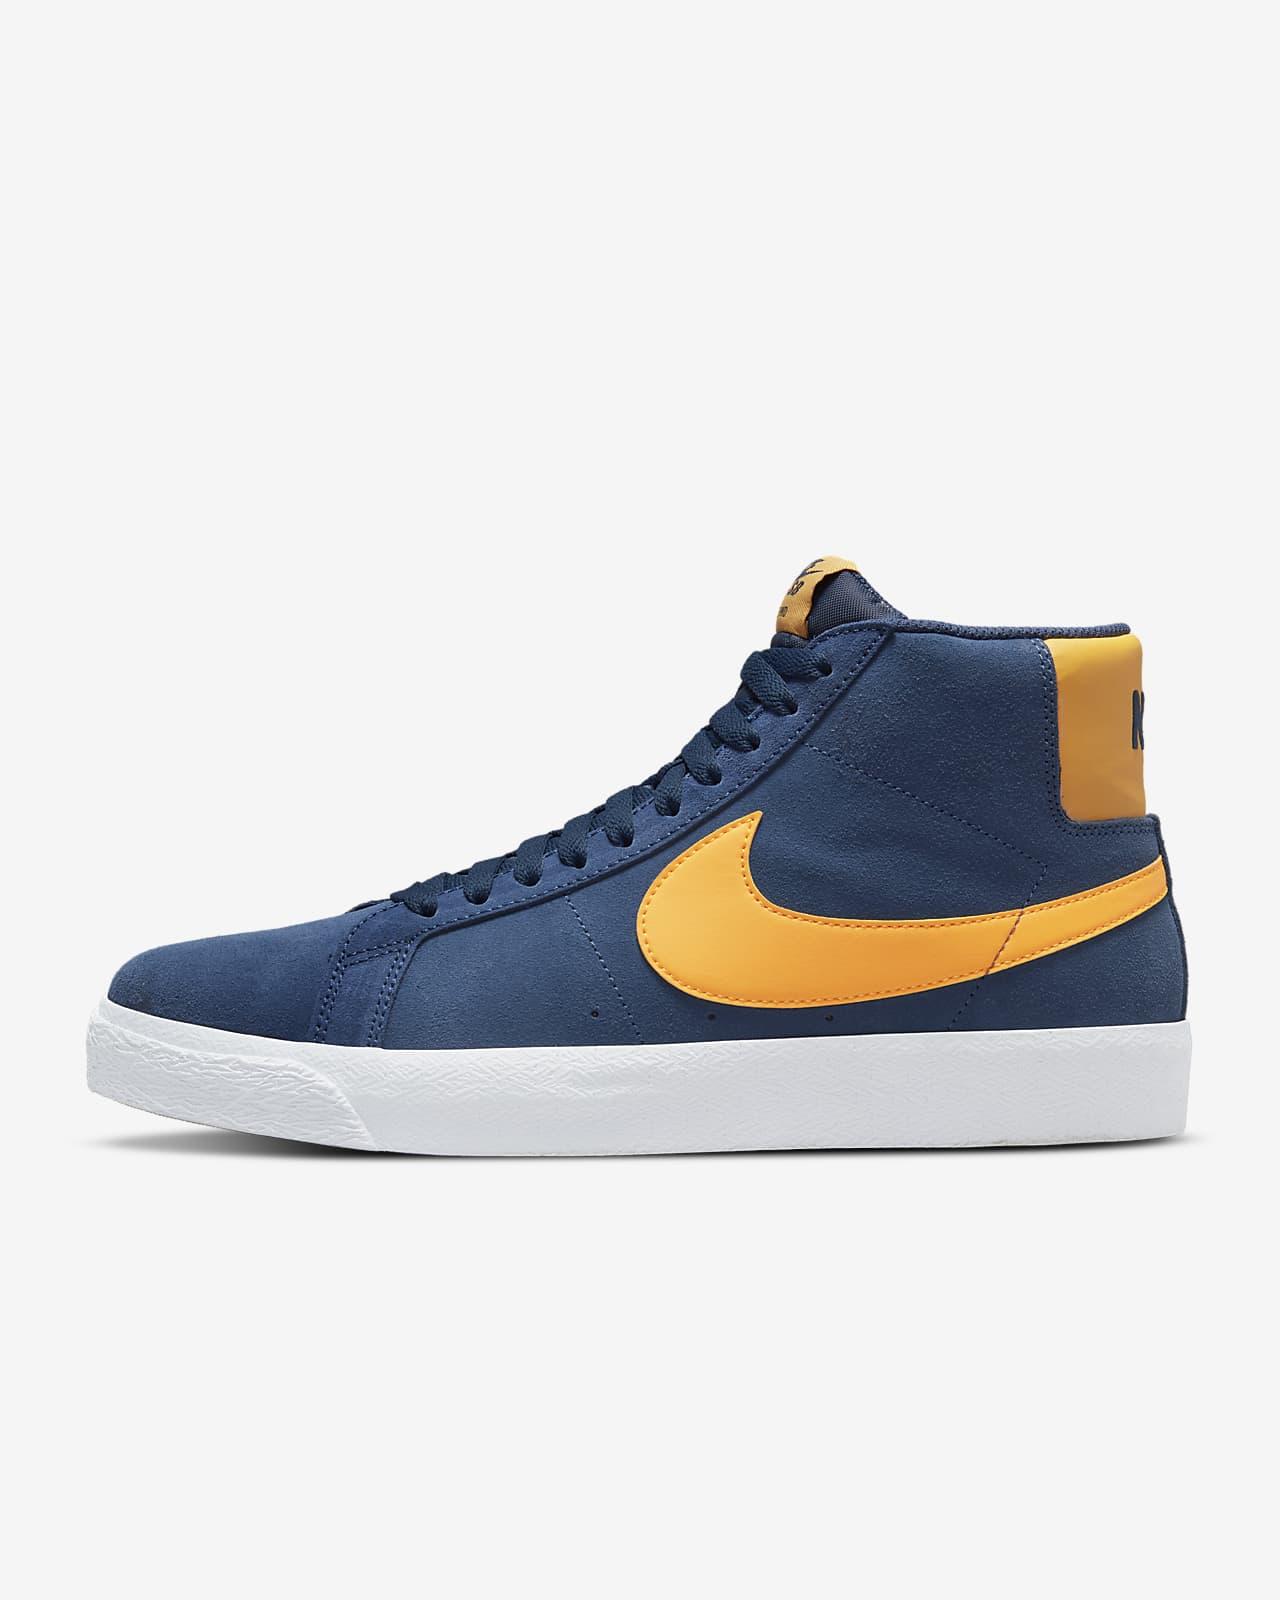 Nike SB Zoom Blazer Mid Skate Shoes